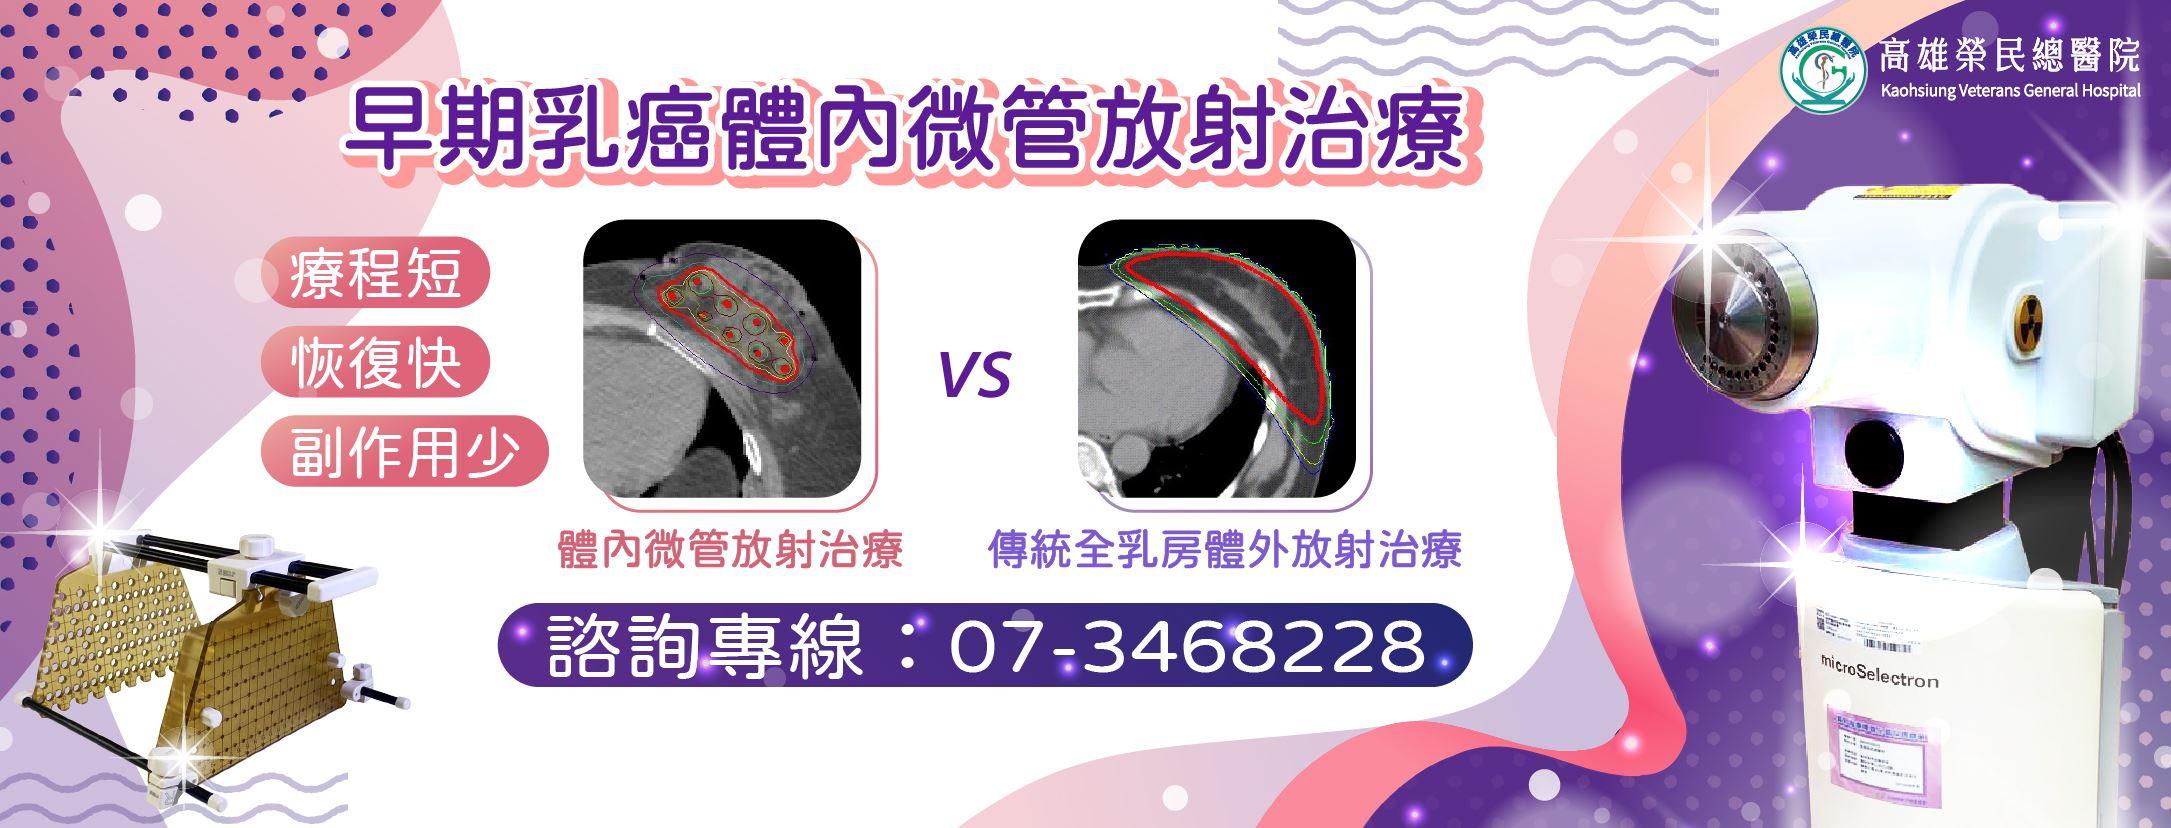 早期乳癌體內微管放射治療(圖片)